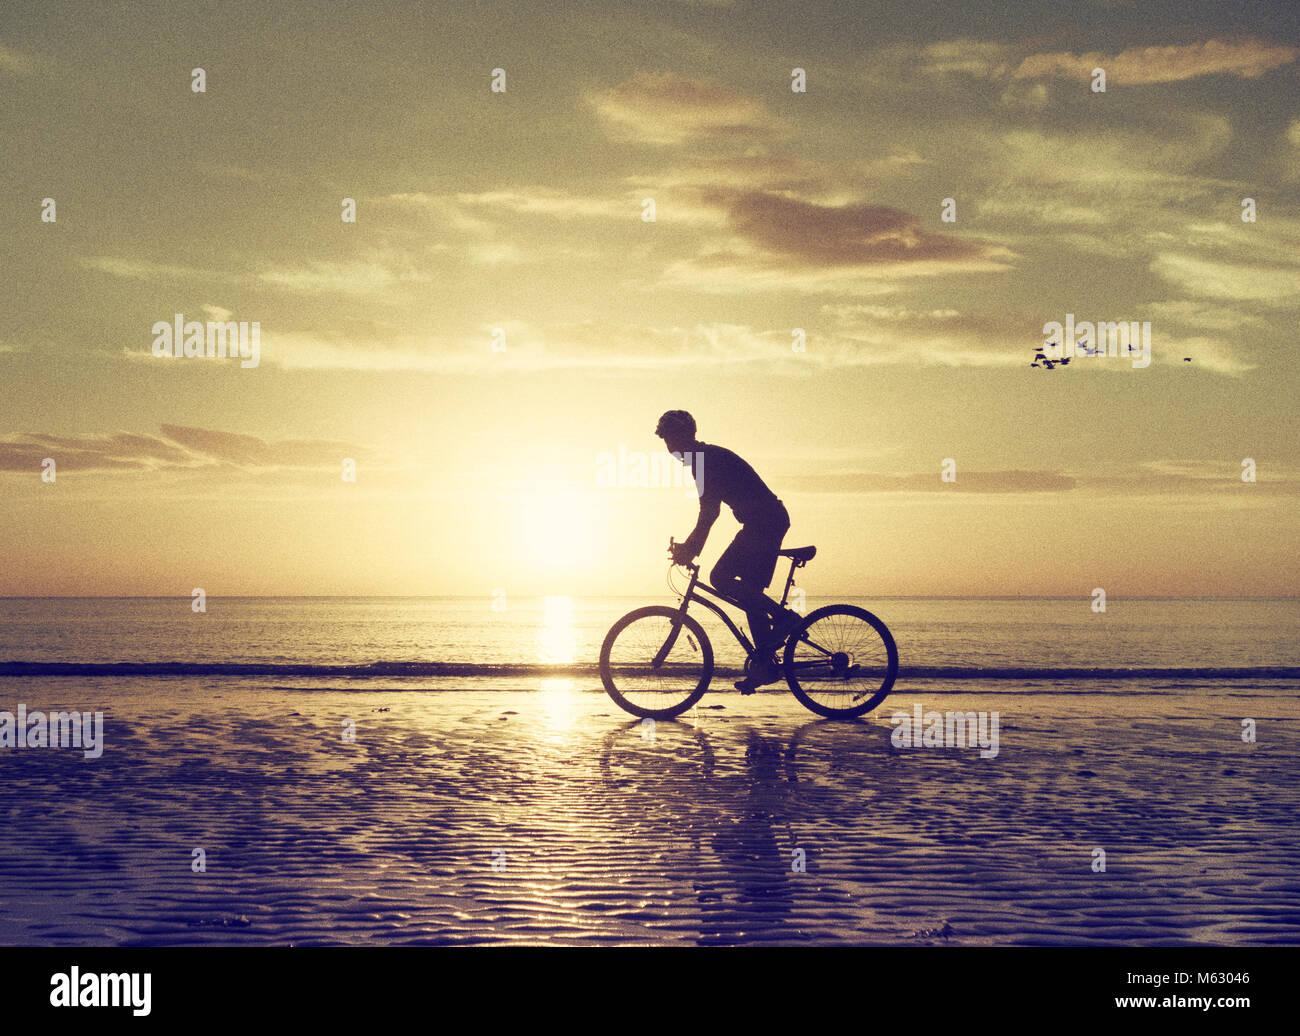 Ciclista de montaña en la playa al amanecer con pájaros volando detrás. Imagen De Stock